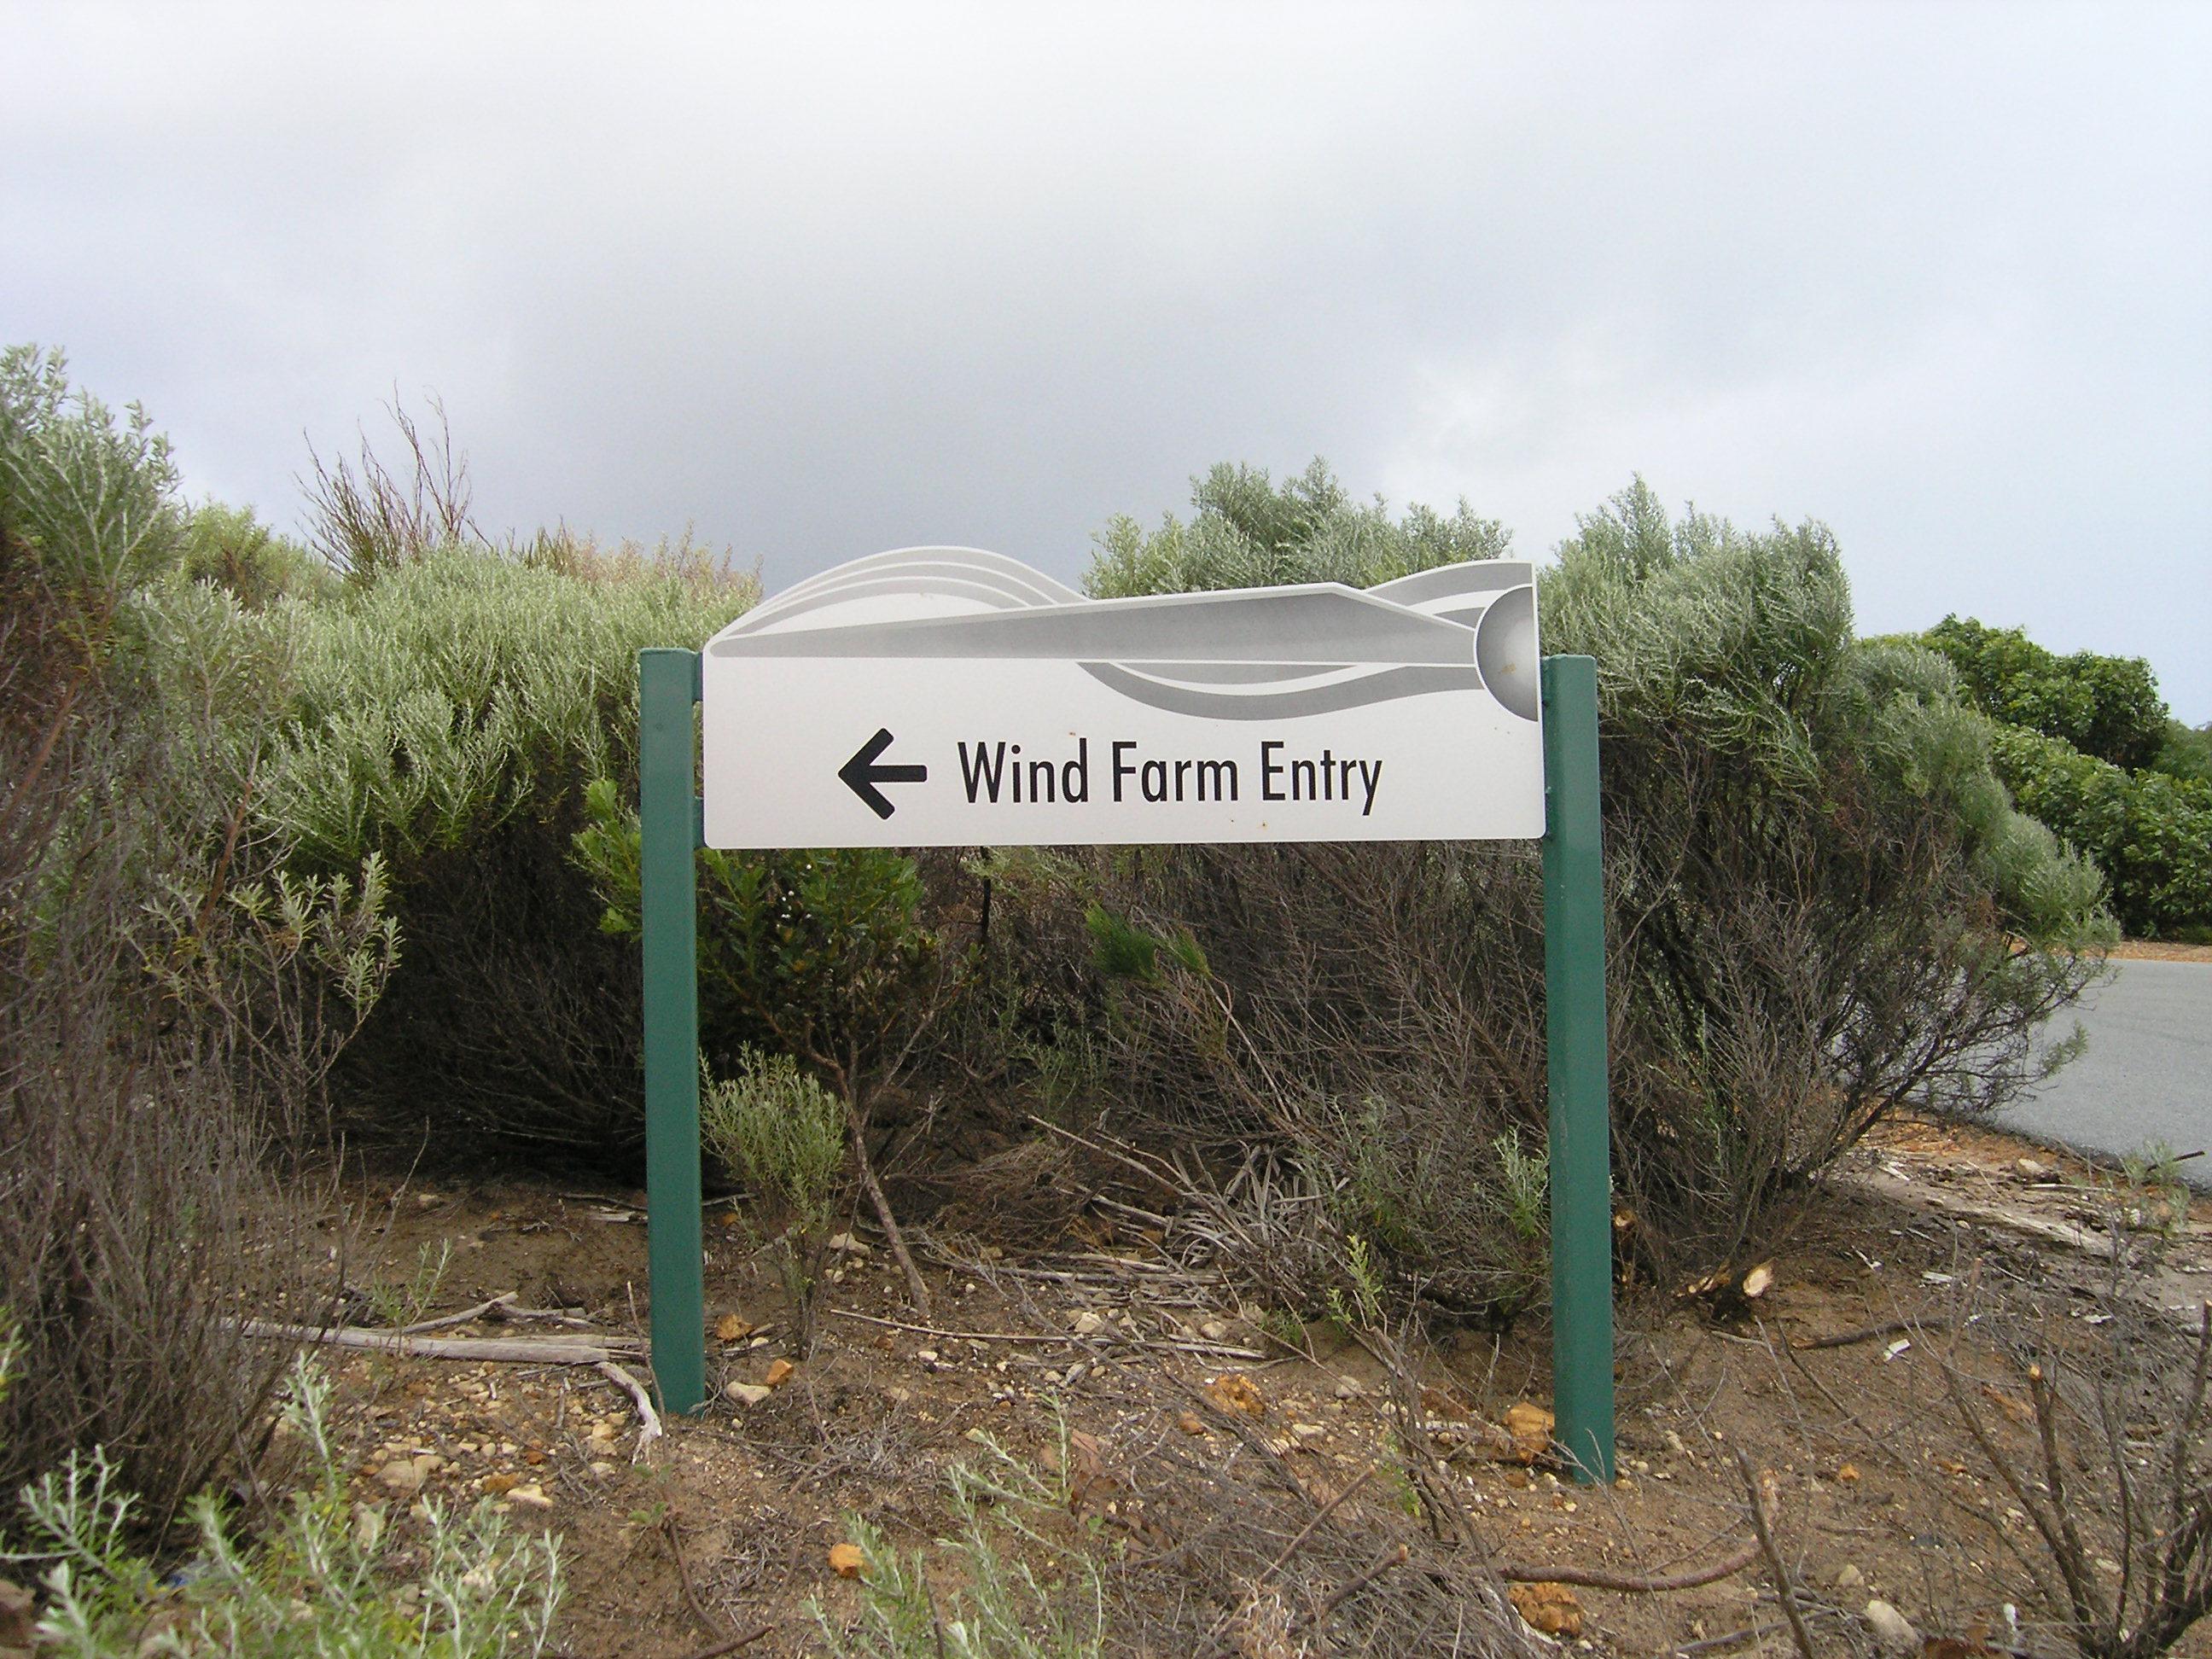 wind farm entry